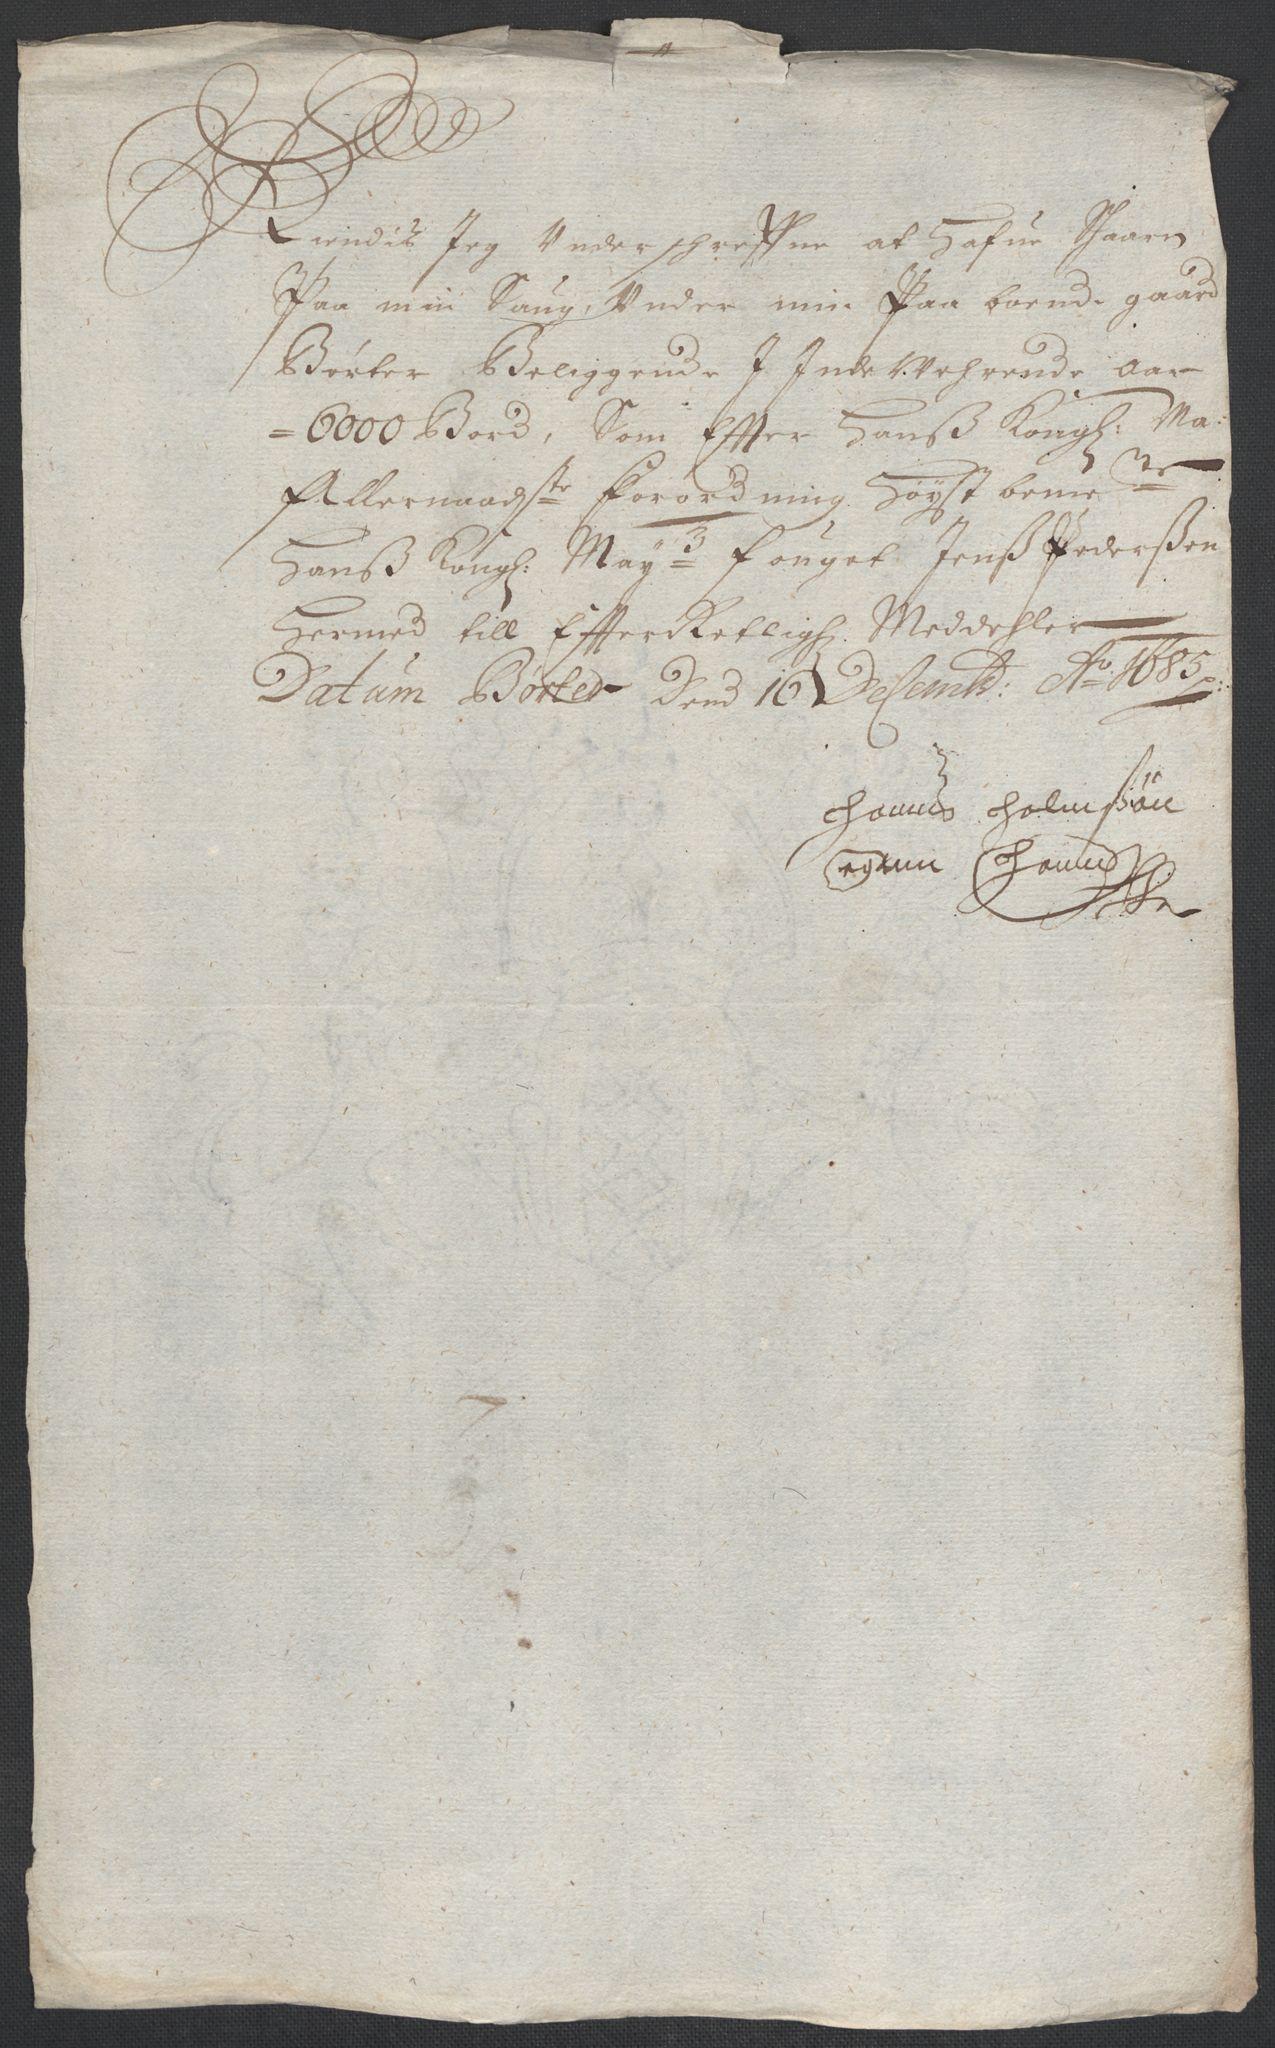 RA, Rentekammeret inntil 1814, Reviderte regnskaper, Fogderegnskap, R11/L0571: Fogderegnskap Nedre Romerike, 1683-1685, s. 478